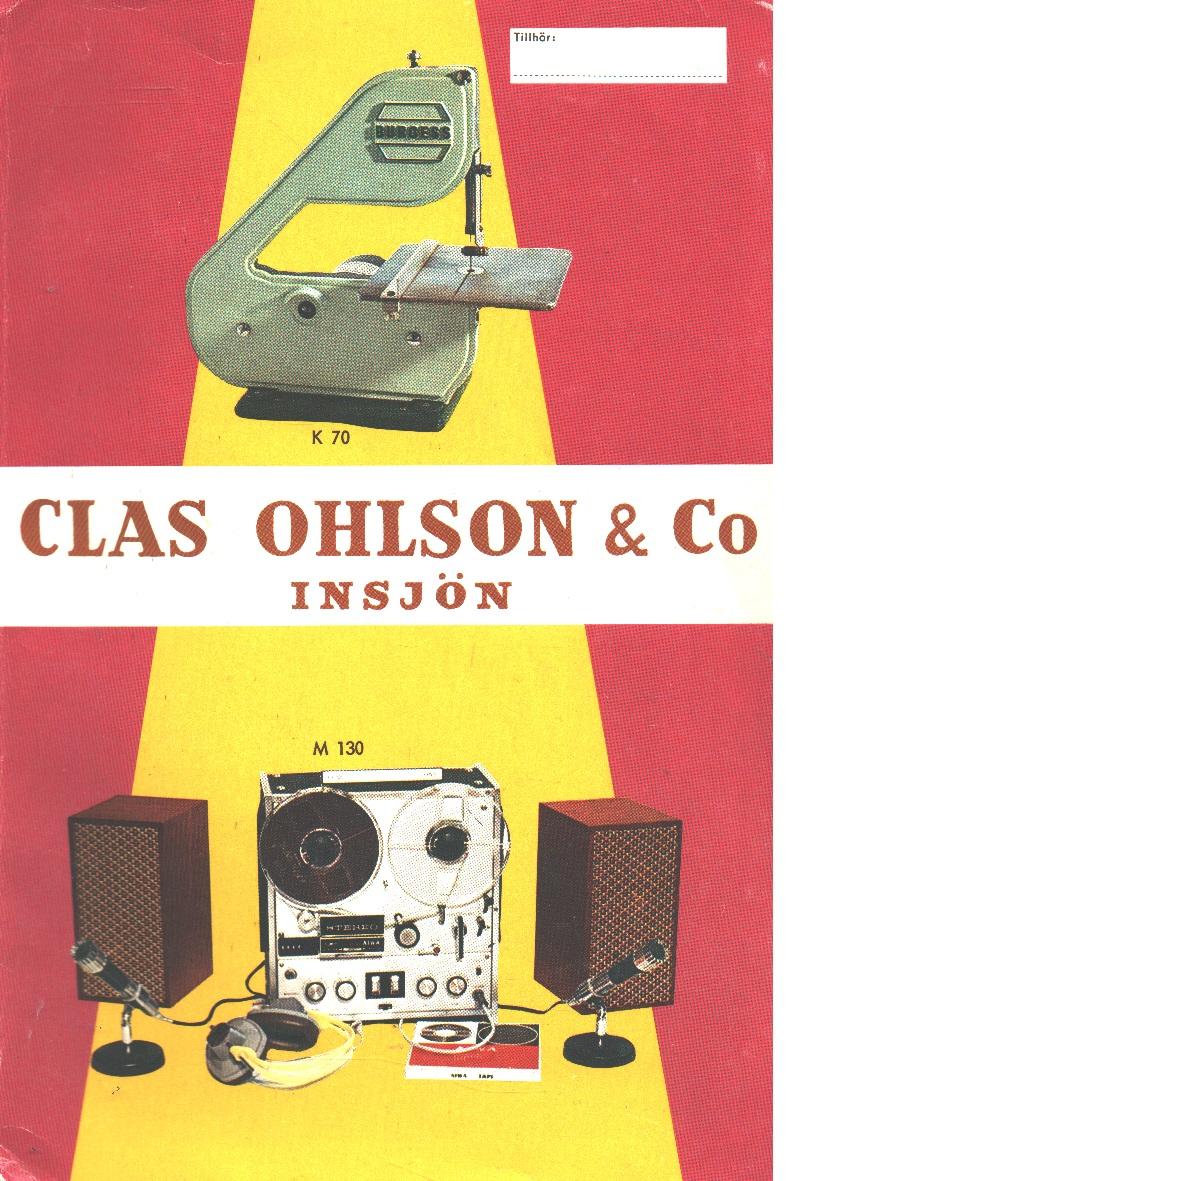 Clas Ohlson: 1967-68  års katalog - Clas Ohlsson & Co